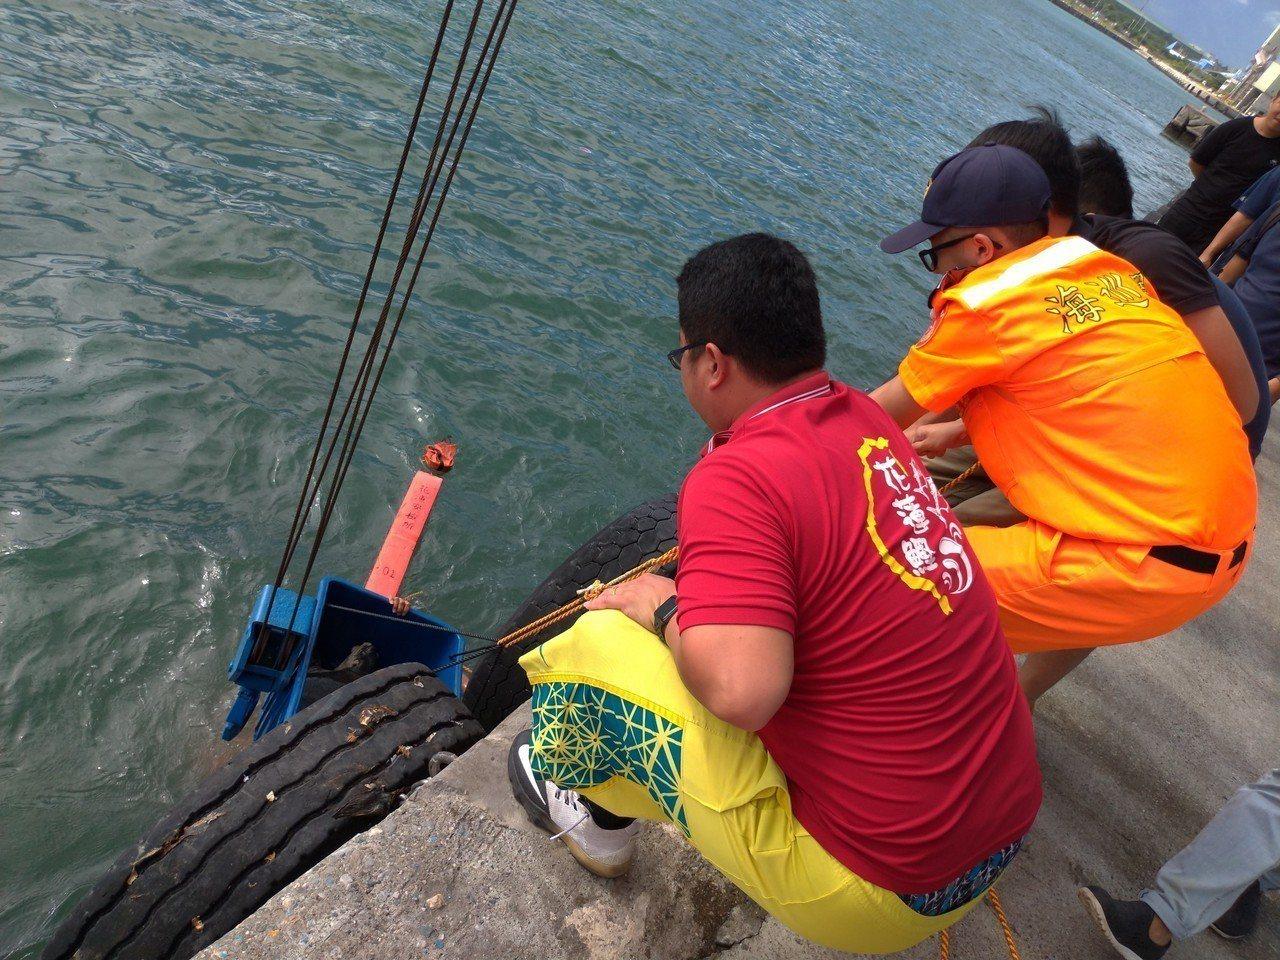 海巡署東部分署第一二岸巡隊昨獲報後,緊急將海龜救起。圖/海巡提供